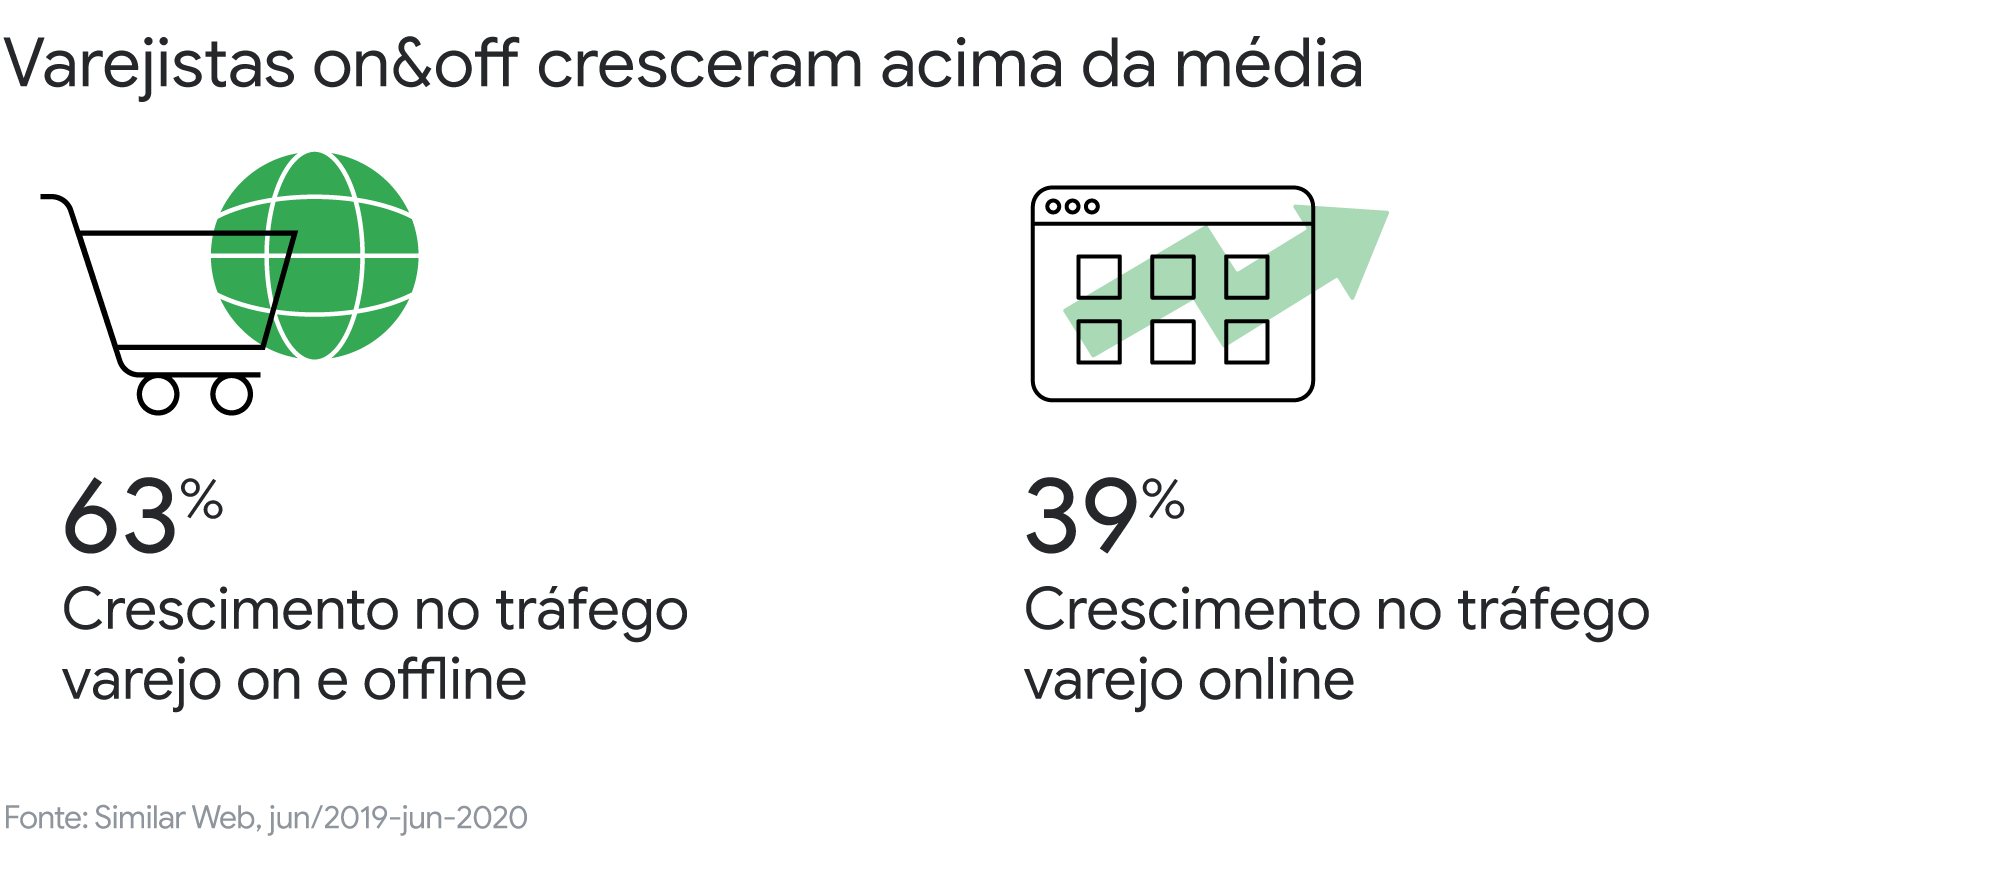 Décadas em semanas: a migração do consumo brasileiro para o digital